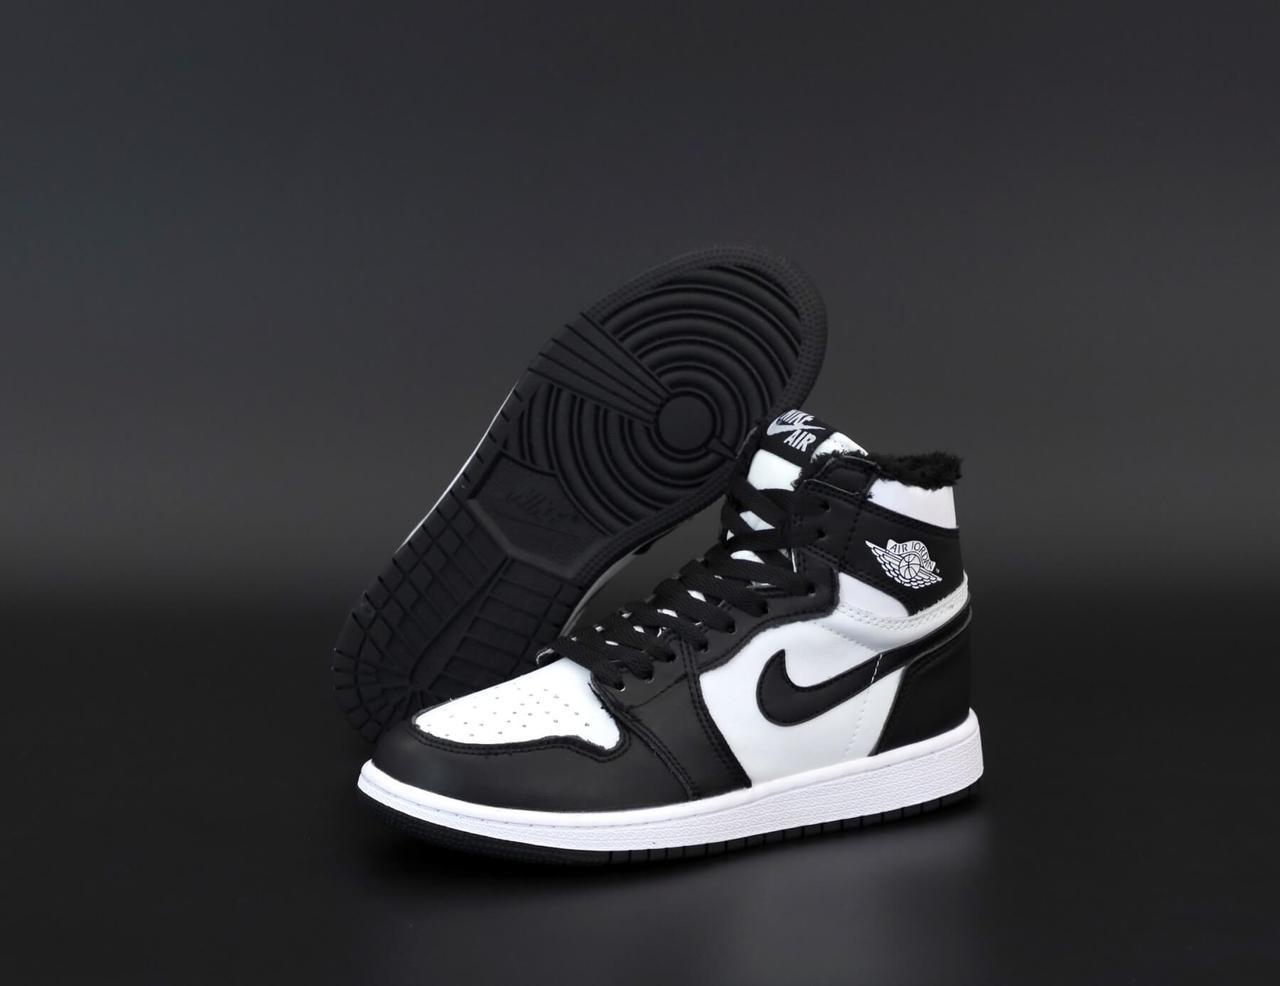 Высокие кроссовки на меху Nike Air Jordan Retro в черно-белом цвете (Найк Джордан мужские и женские размеры)